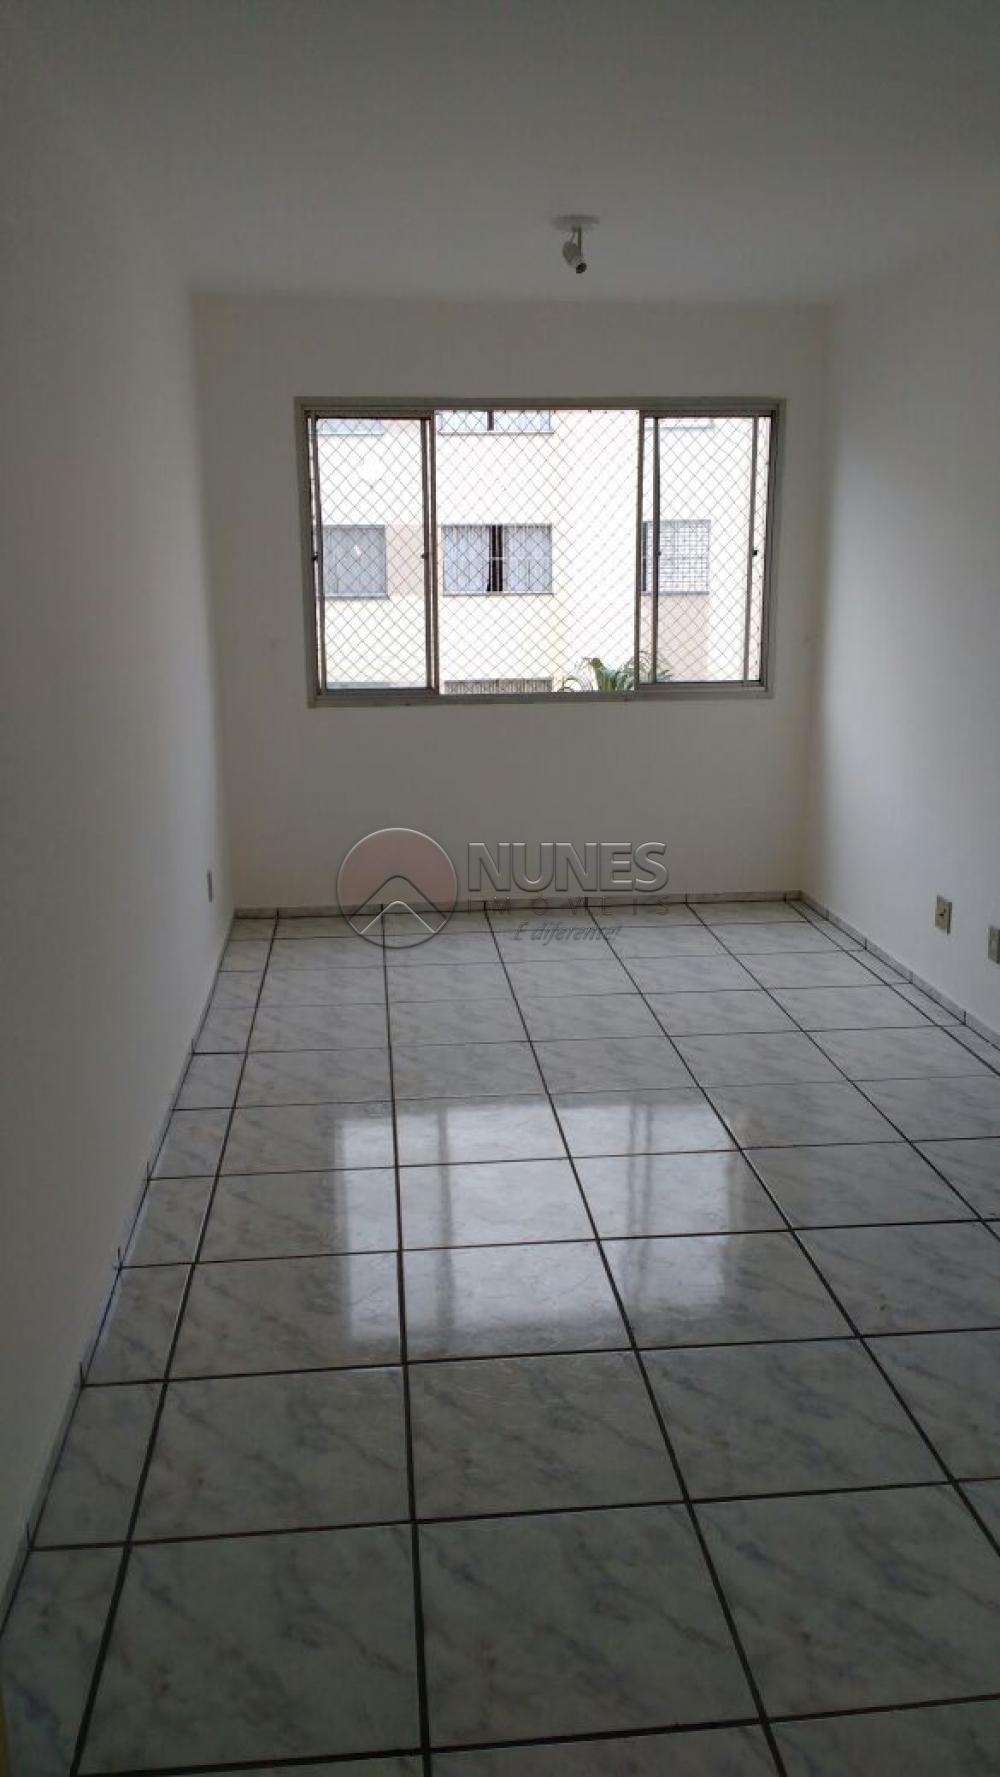 Comprar Apartamento / Padrão em São Paulo apenas R$ 199.000,00 - Foto 4